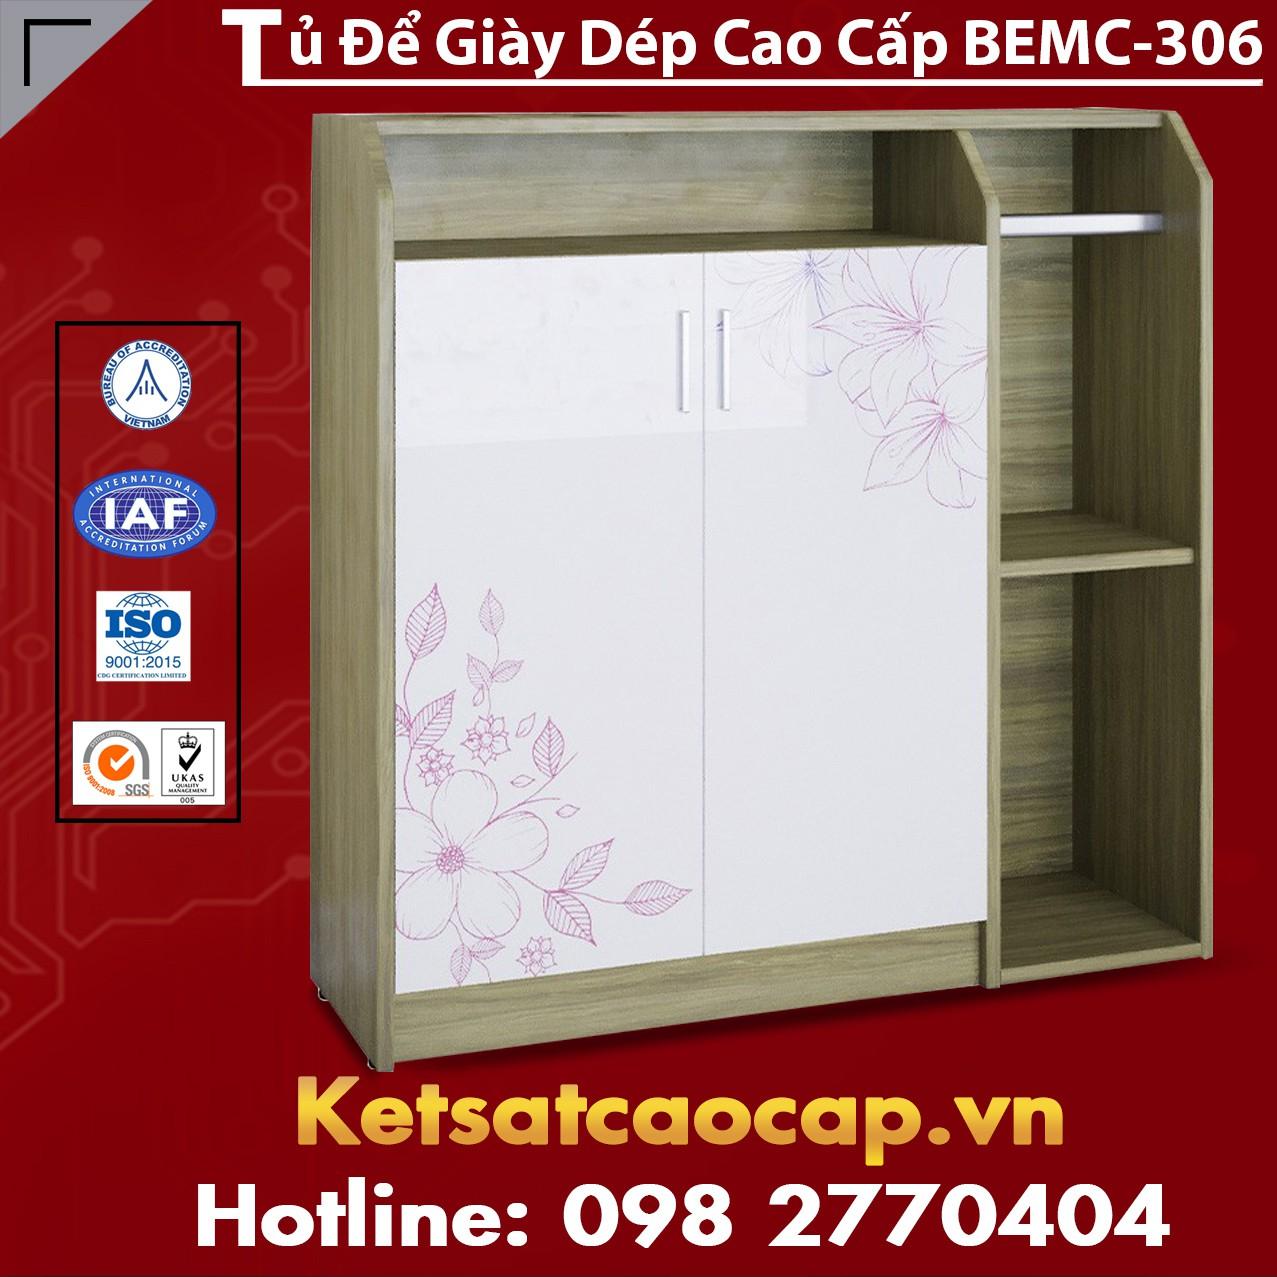 Tủ Để Giày Dép Cao Cấp BEMC-306